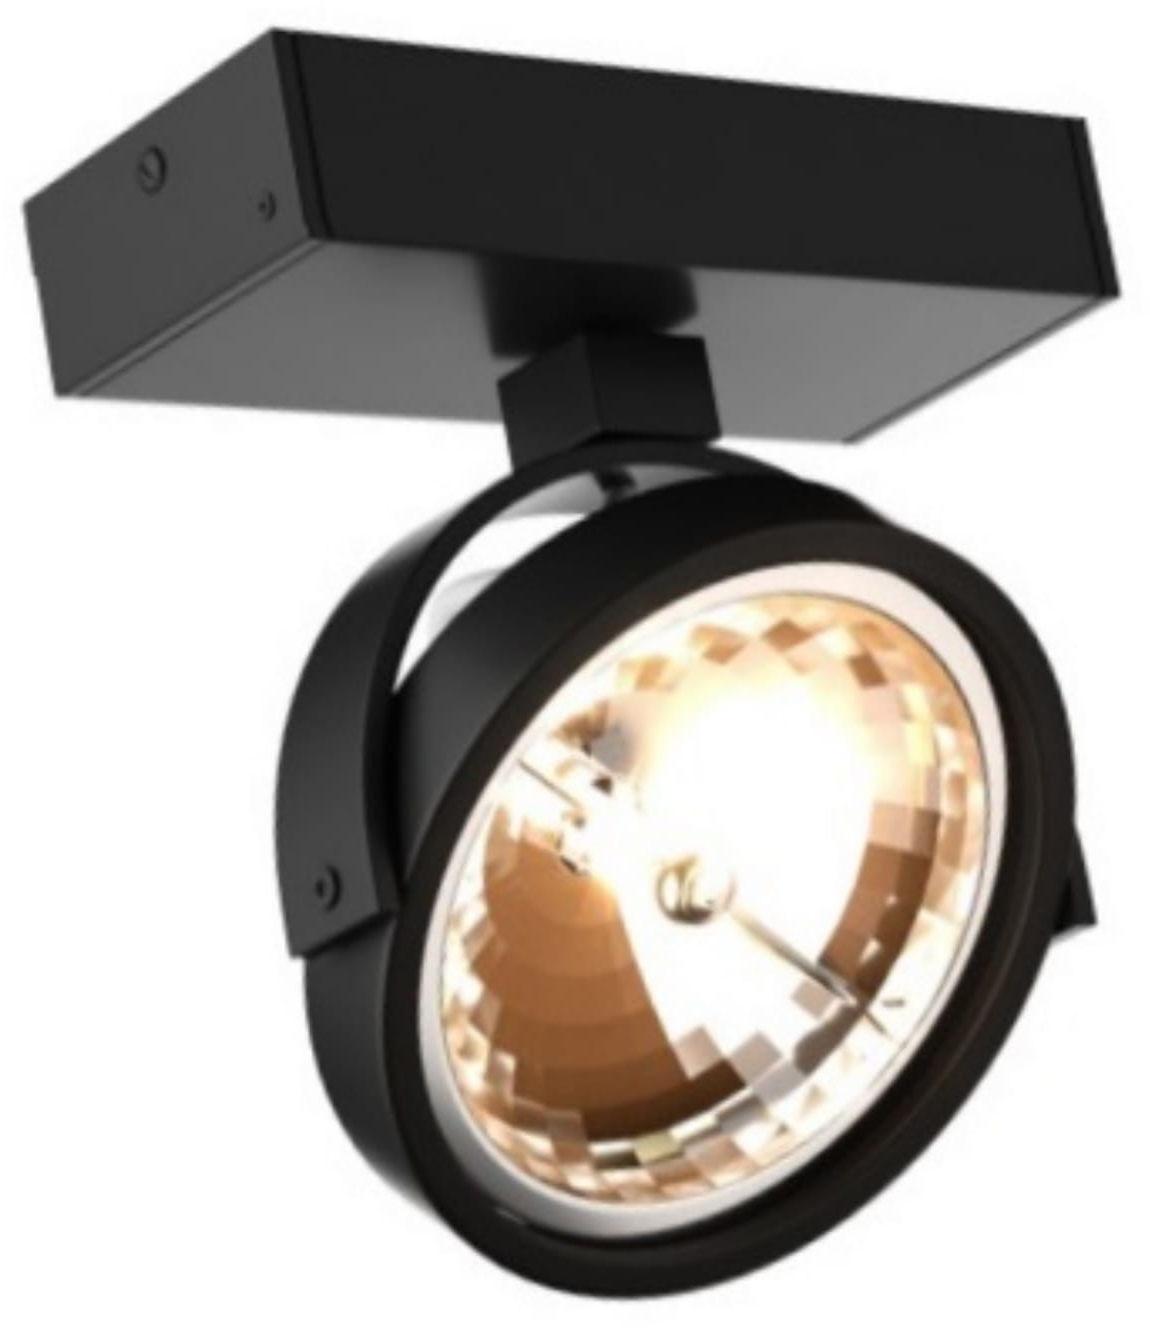 Light Prestige Romeone 1 LP-2113/1W BK kinkiet lampa ścienna czarna metalowa G9 1x33W 14cm